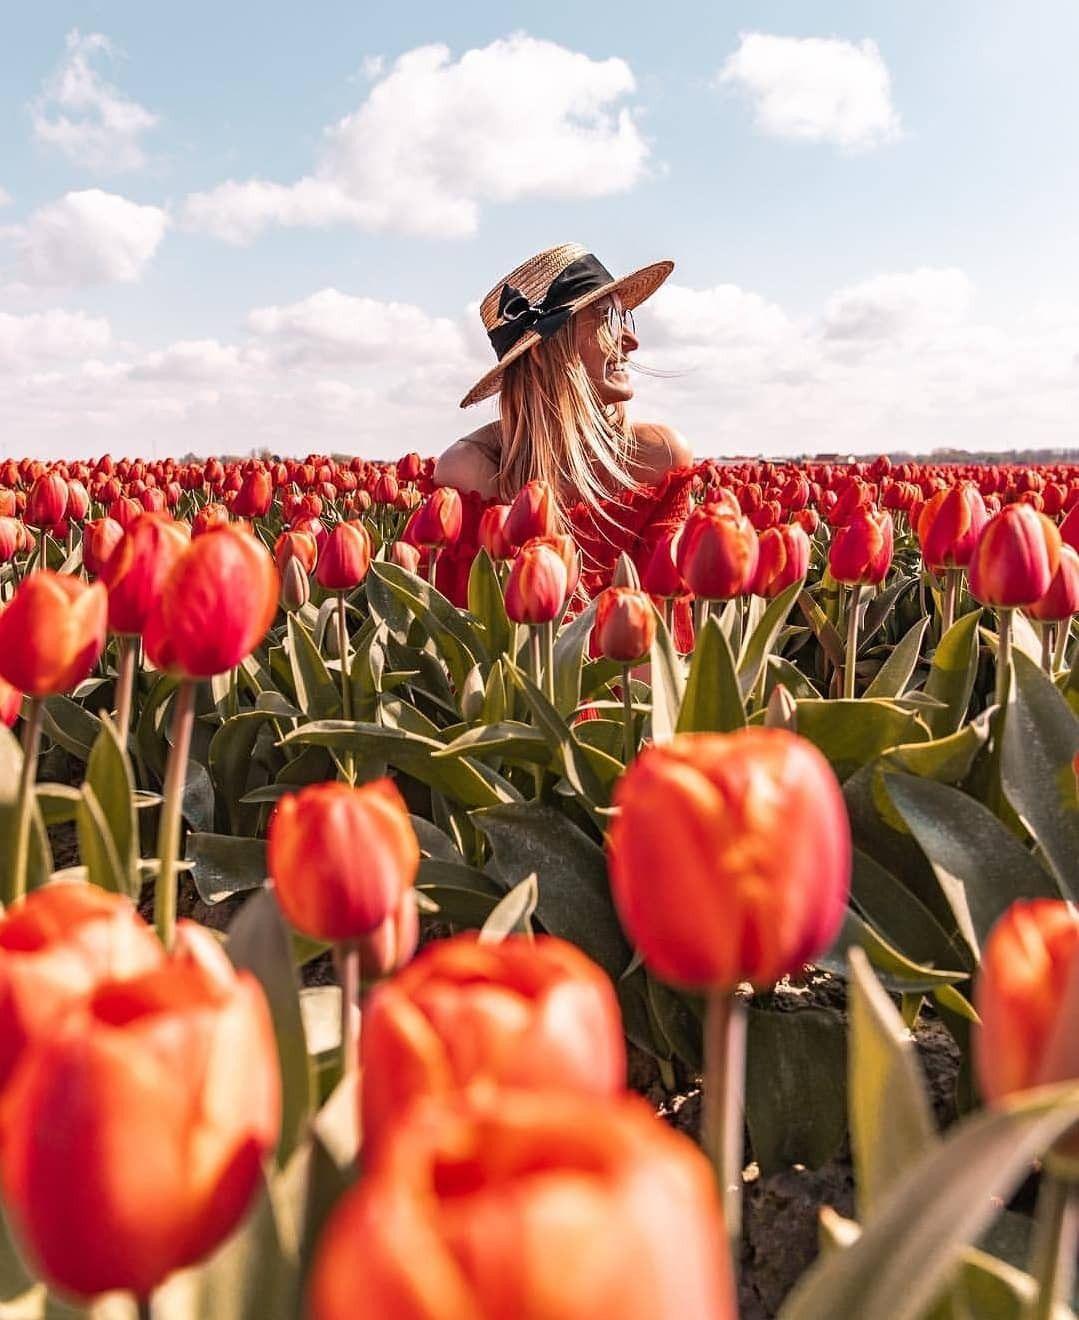 Goeree Bulb flowers, Tulips, Tulip fields